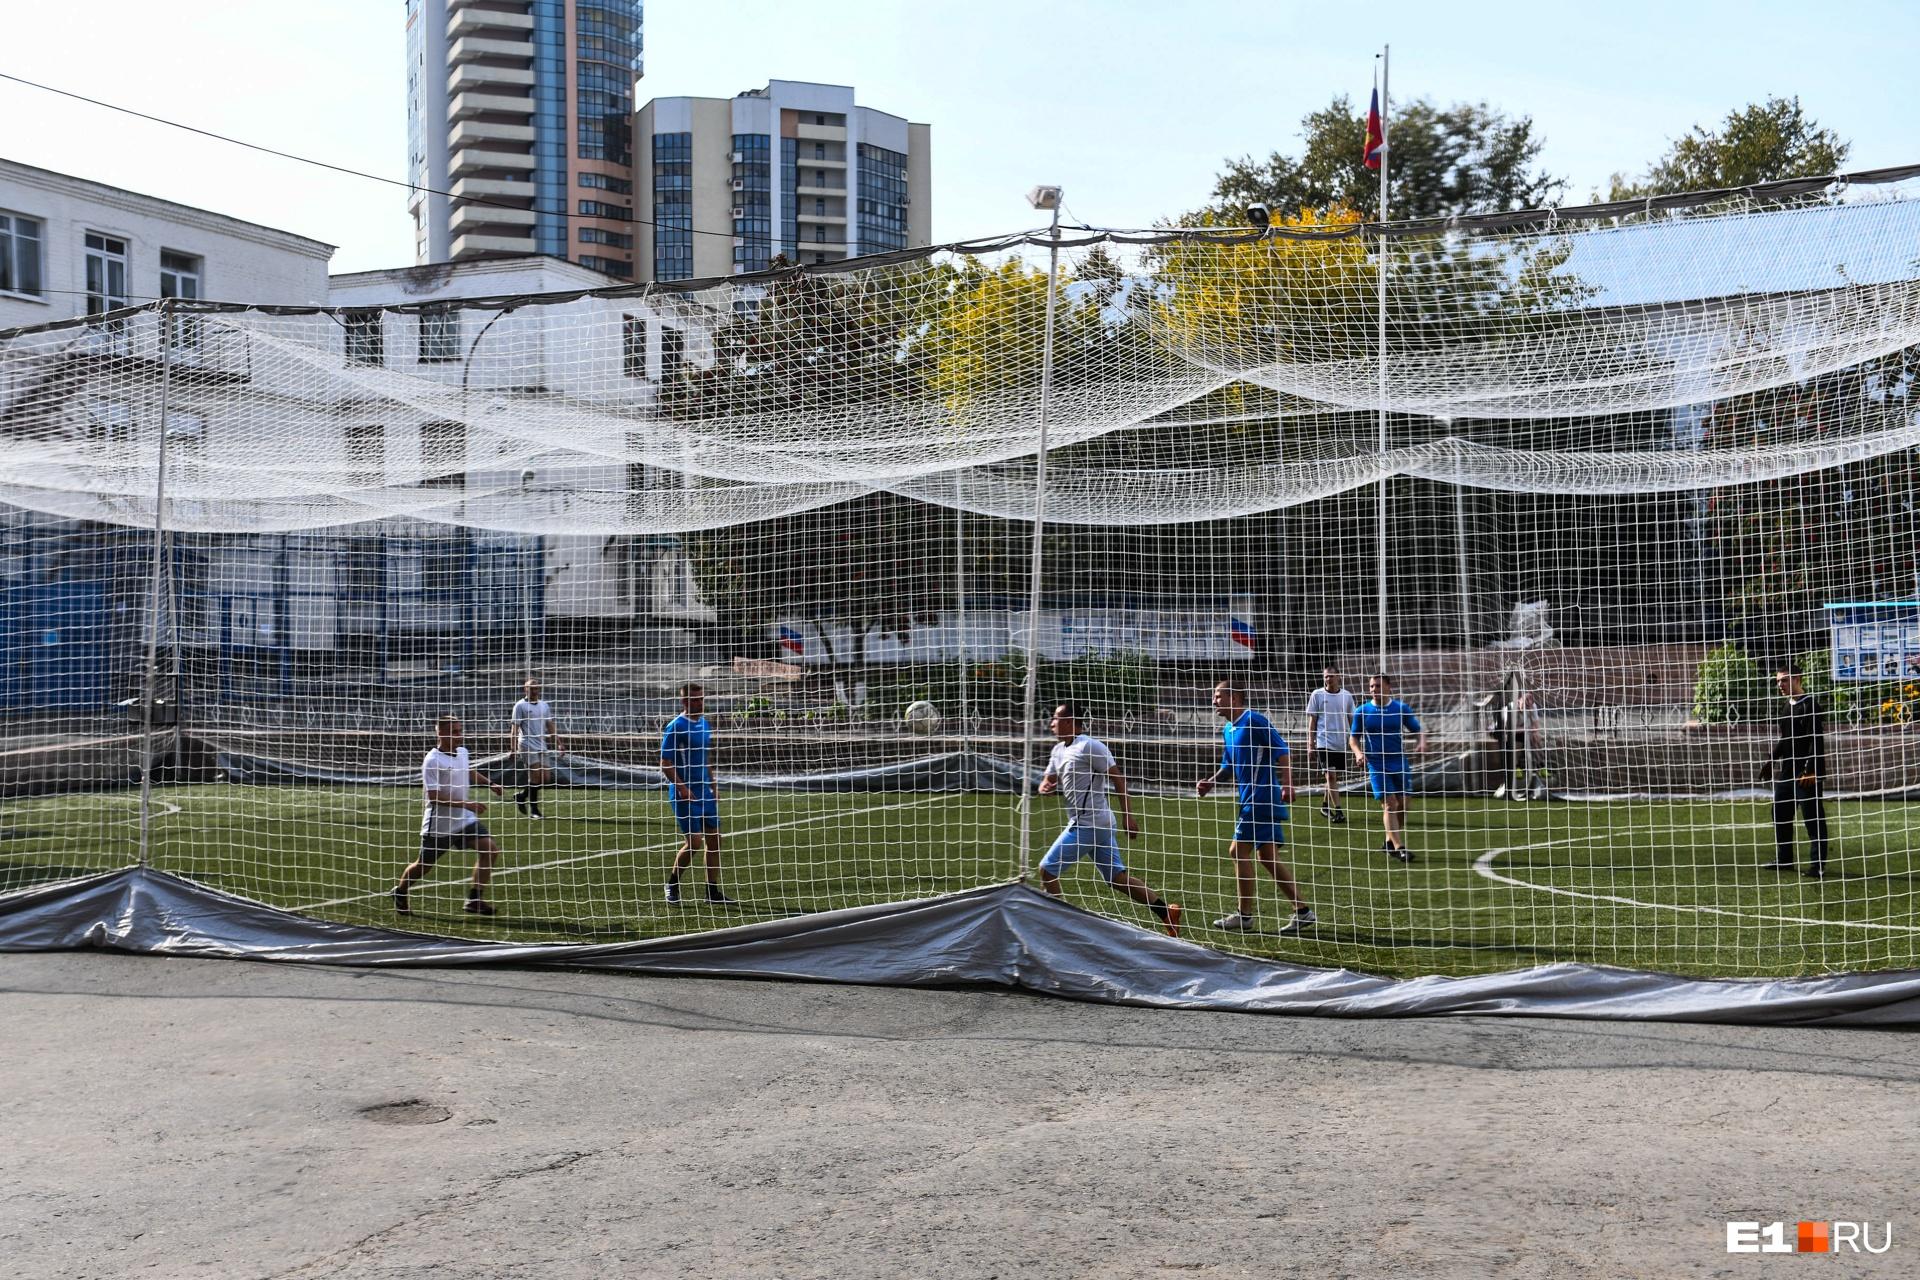 Во дворе заключенные играют в футбол. Жаль, что не в майках Кокорина и Мамаева